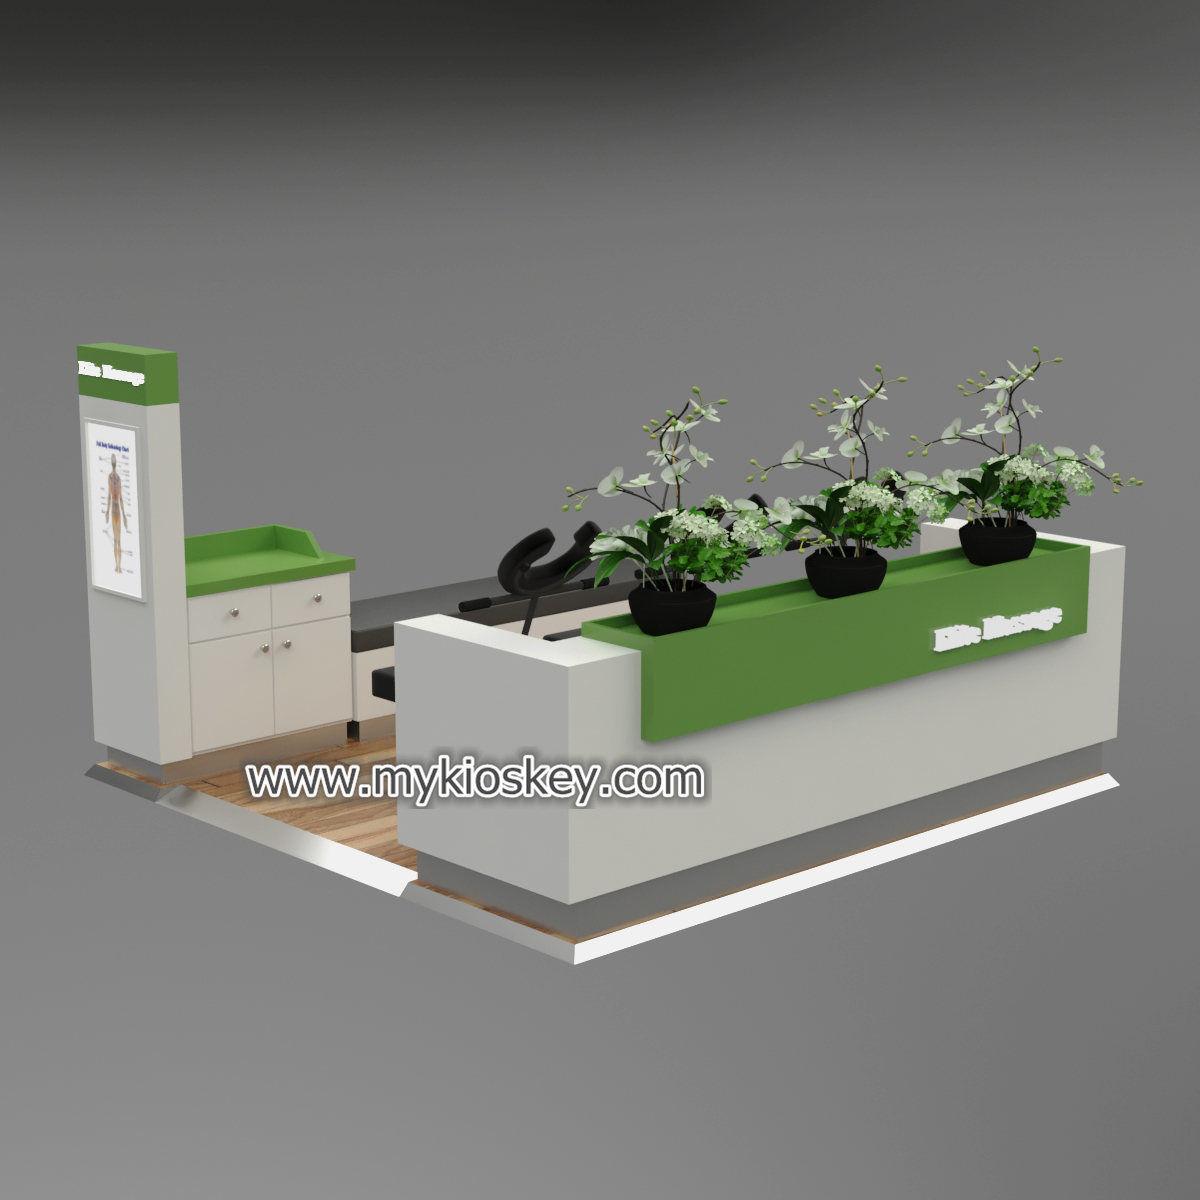 cosmetic shop furniture design